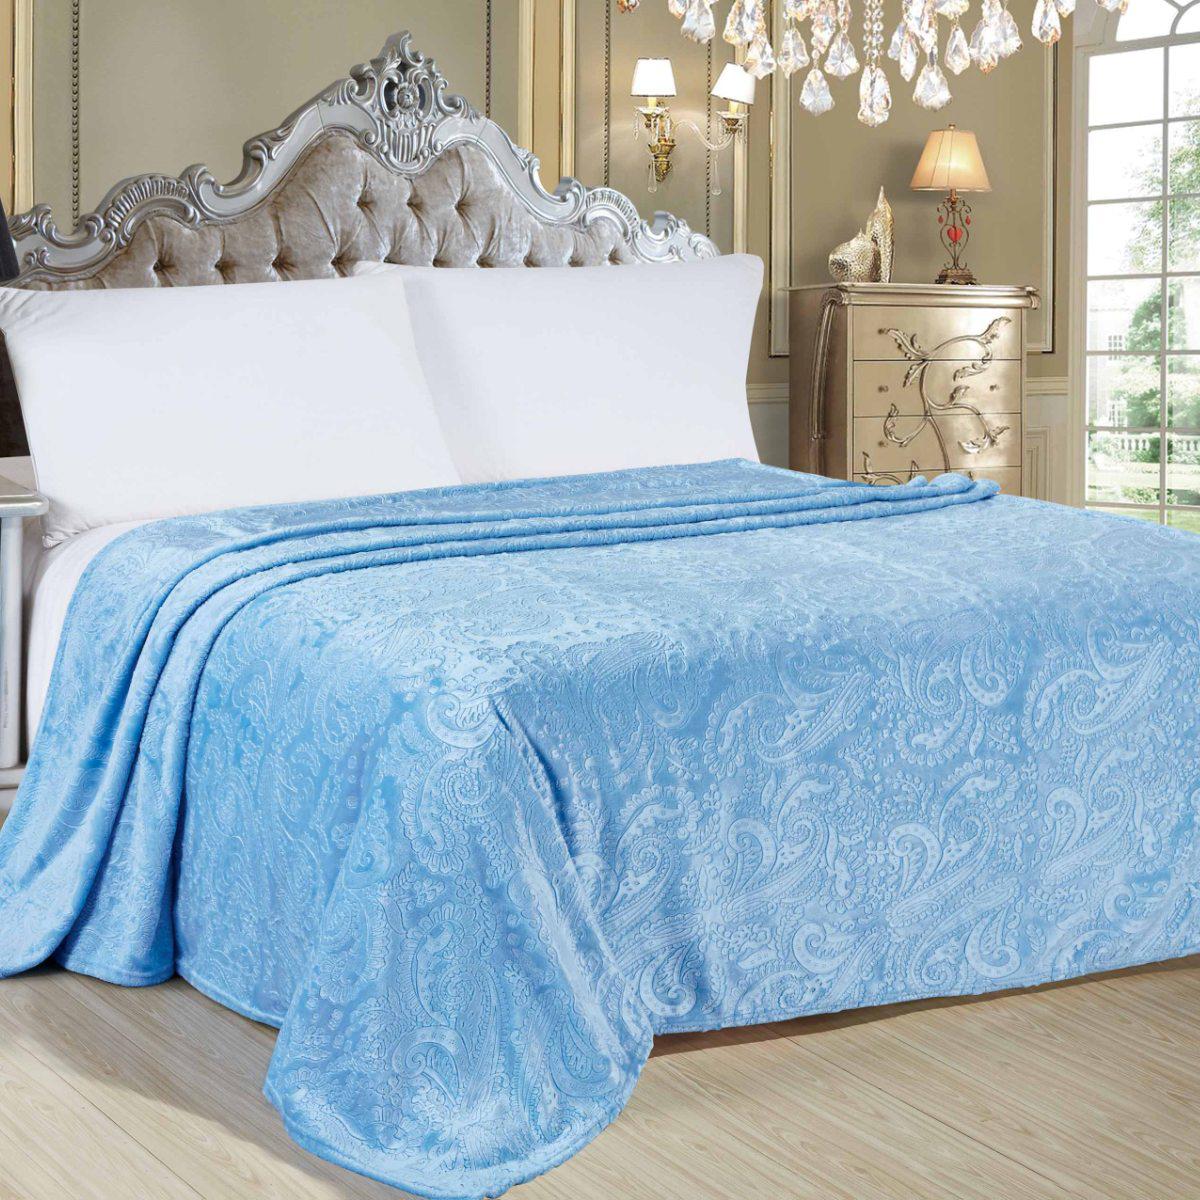 Плед Letto Велсофт, цвет: голубой, 175 х 200 см. V142-4